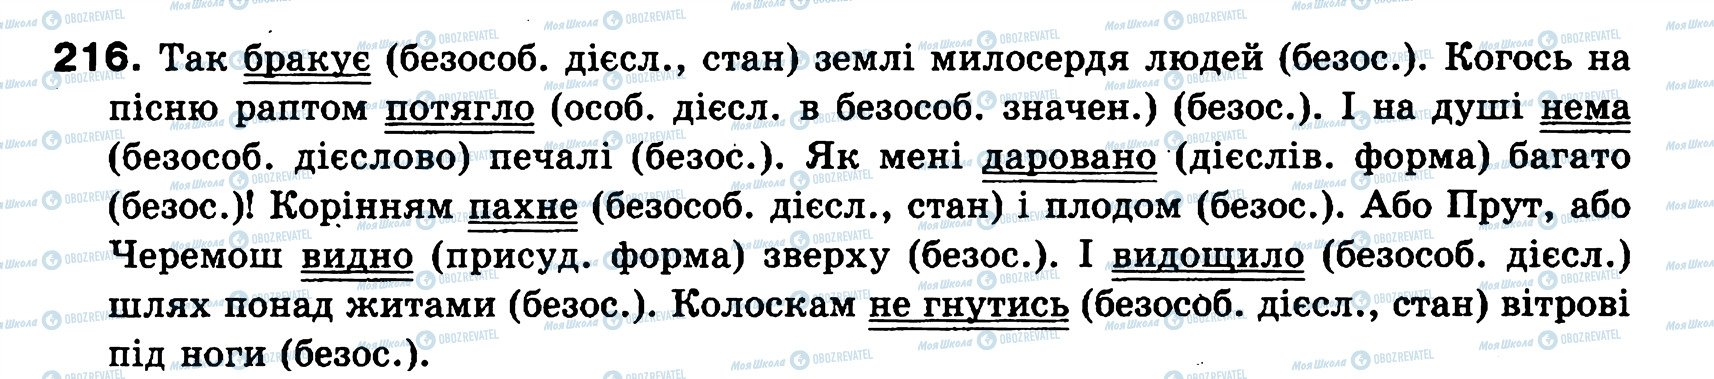 ГДЗ Українська мова 8 клас сторінка 216